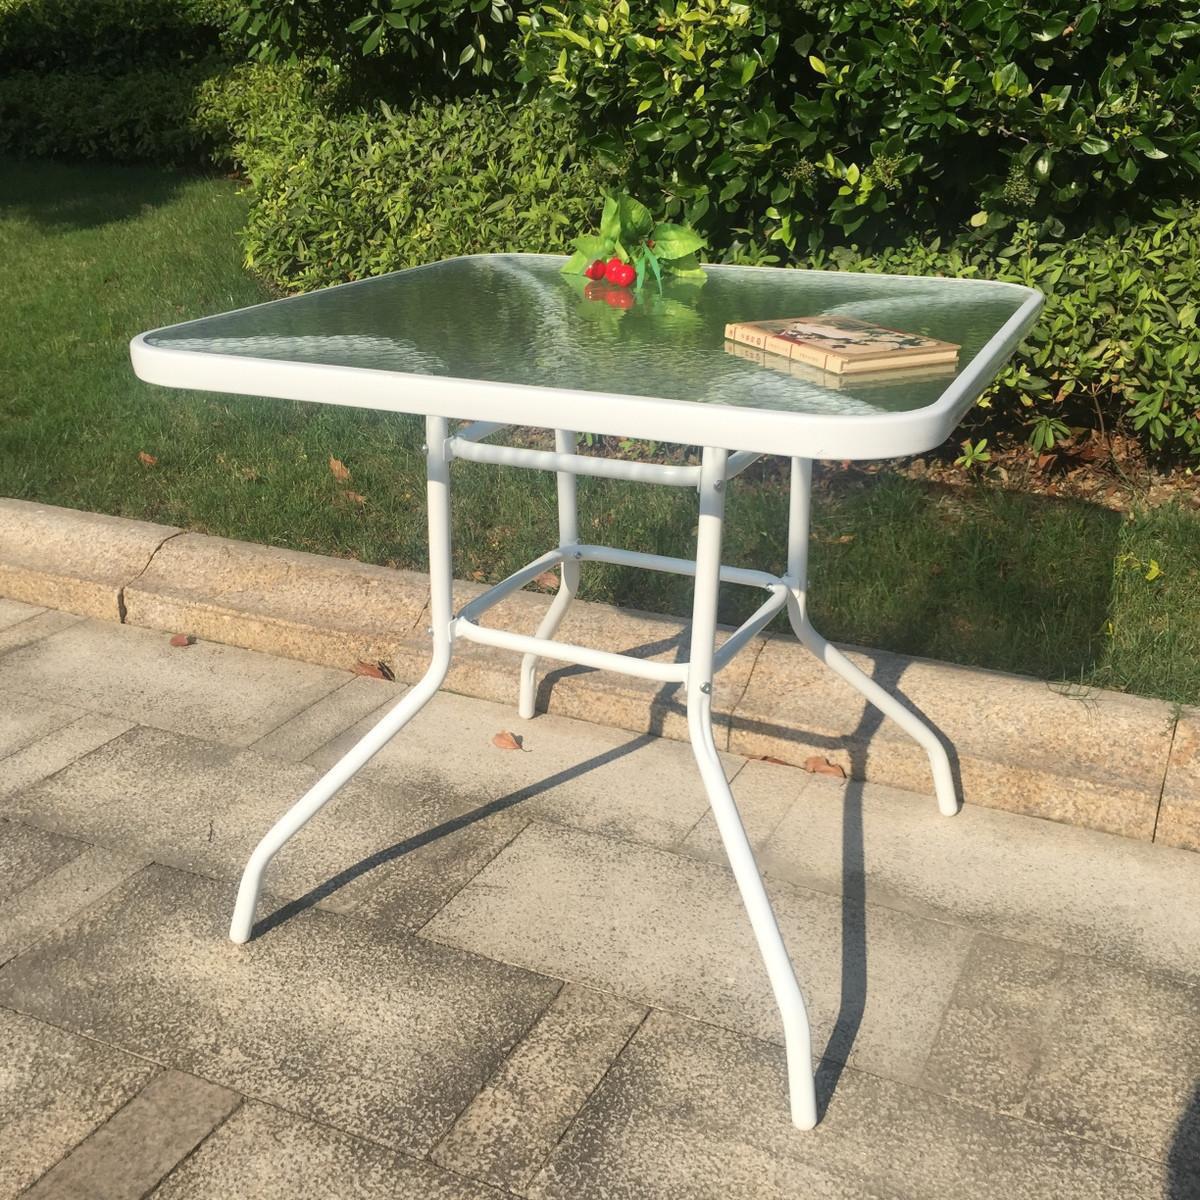 庭院户外休闲钢化玻璃圆餐桌家具咖啡茶几阳台农庄组装洽谈桌促销